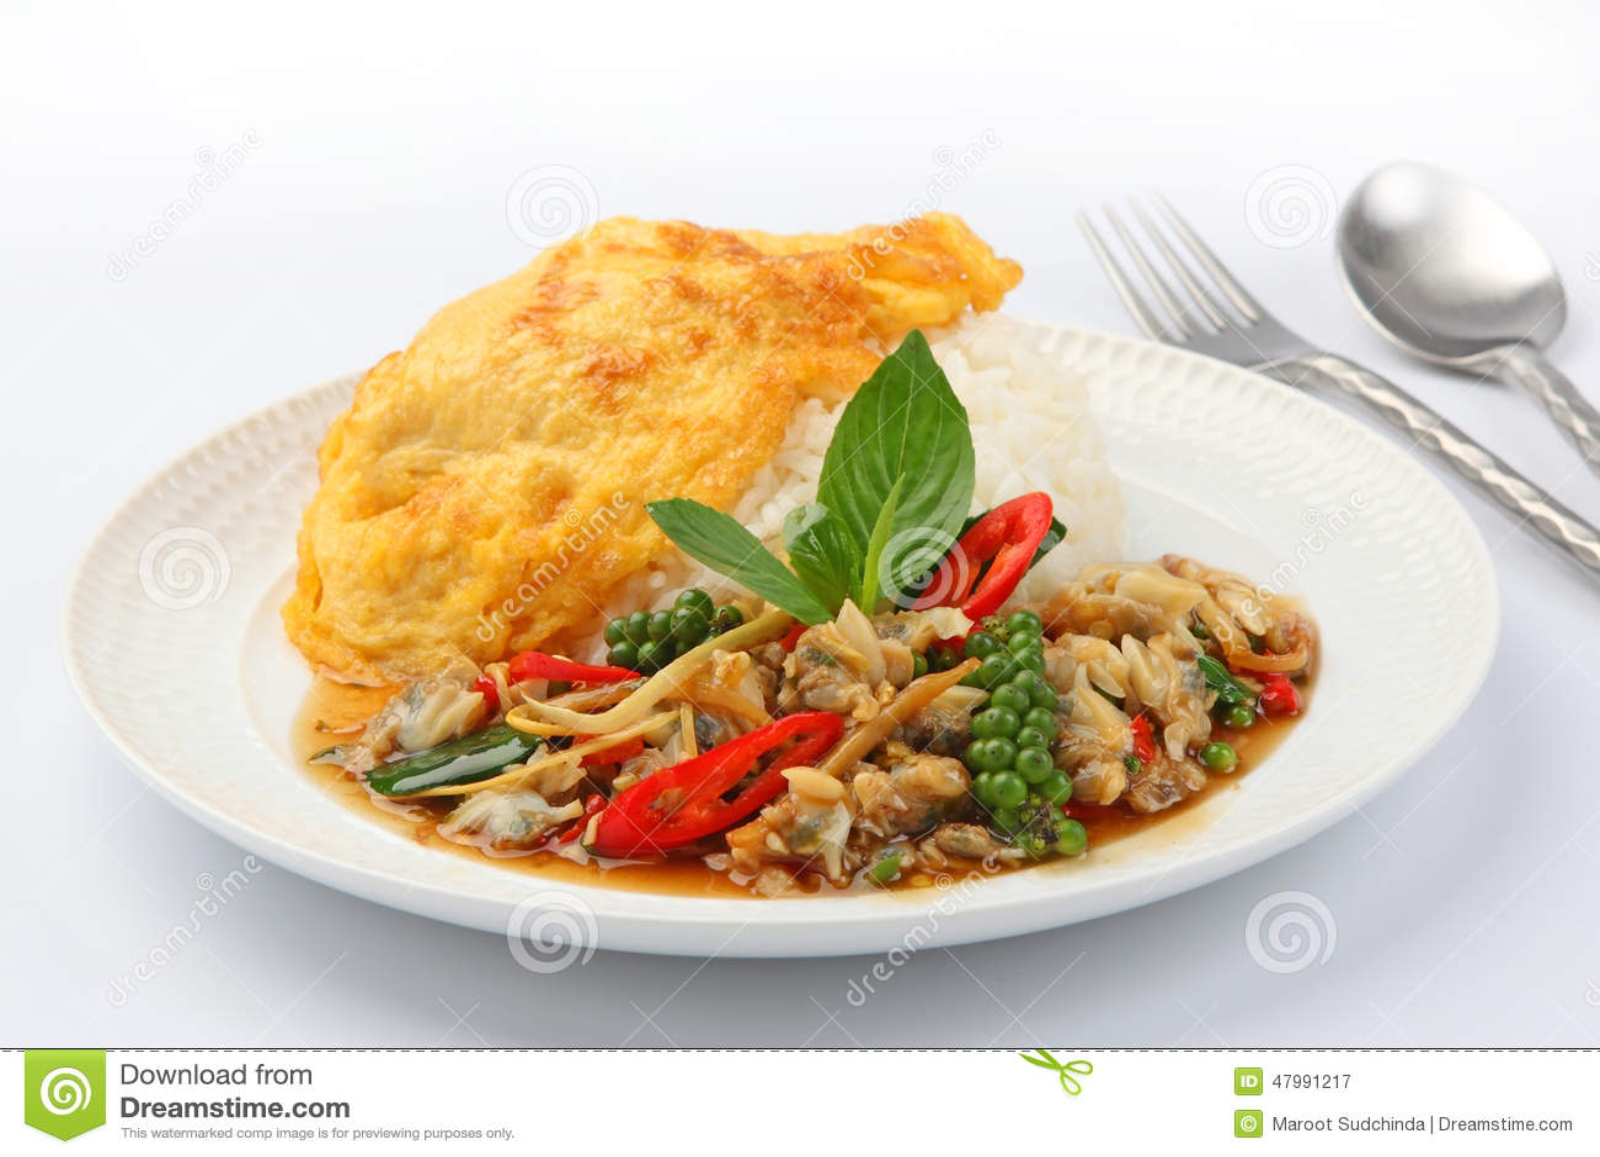 L 39 omelette frite a compl t sur le riz avec pic frit - Absorber l humidite avec du riz ...